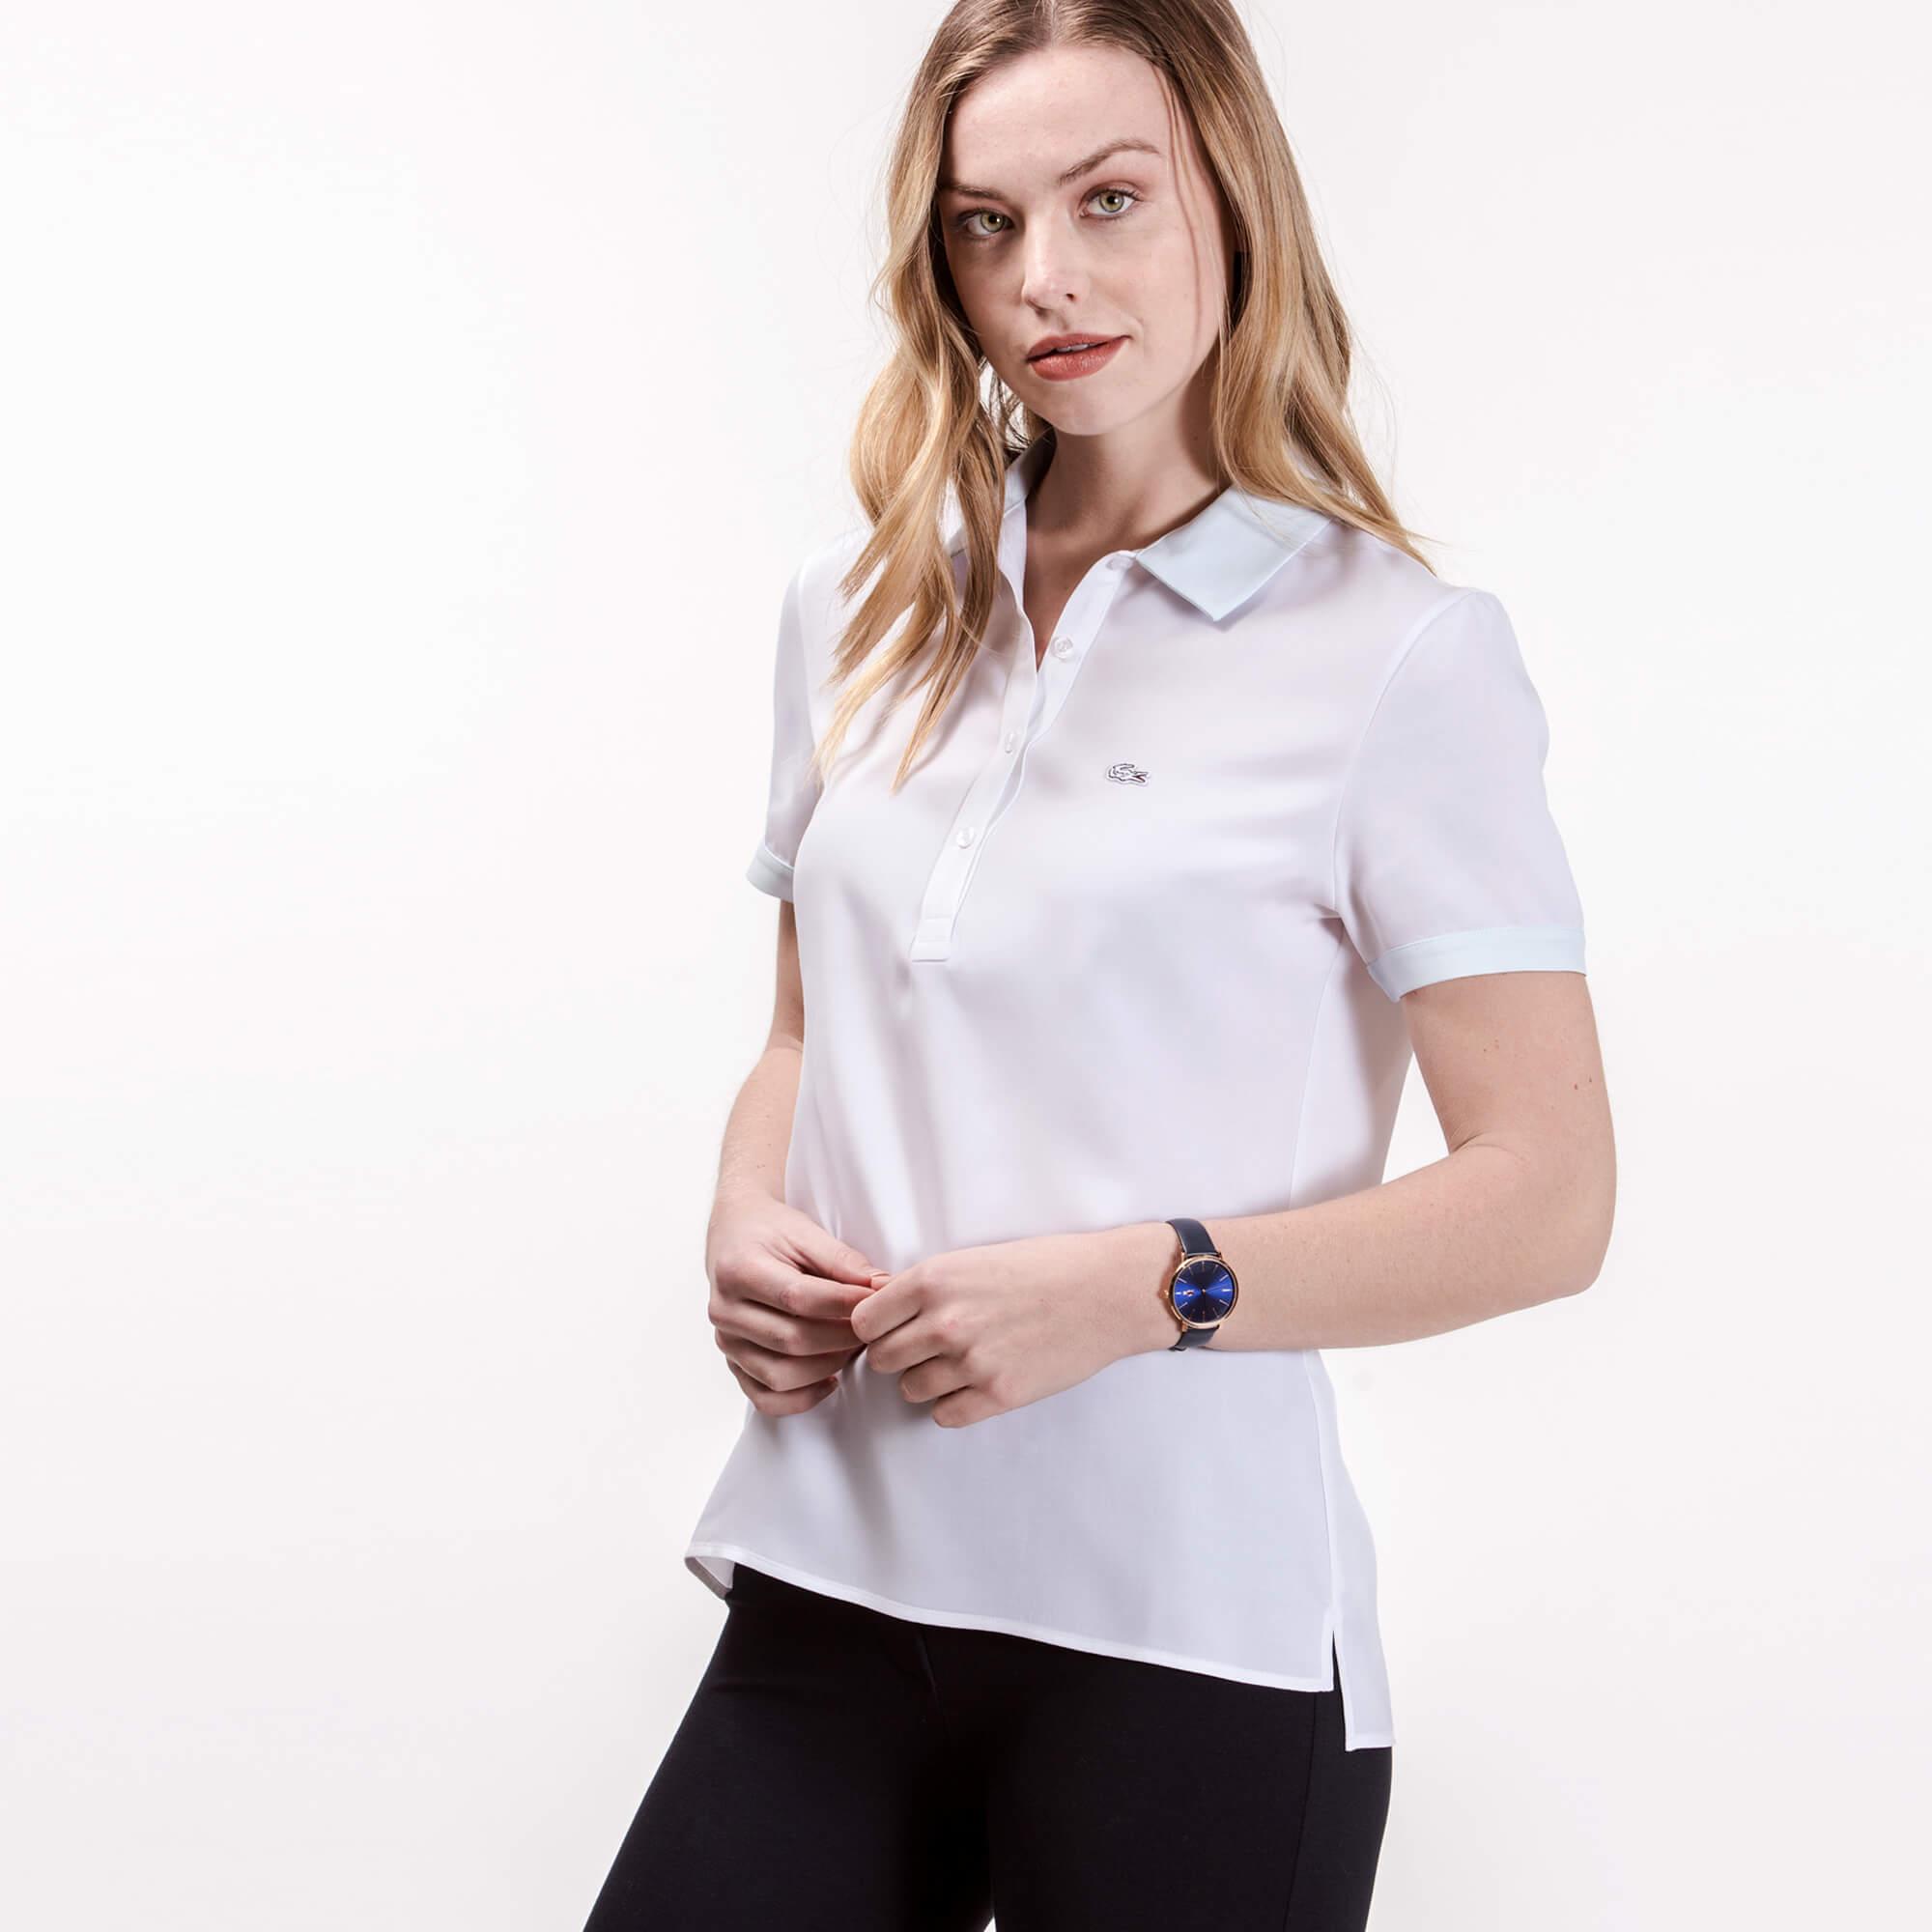 Рубашка Lacoste Regular fitБлузы и рубашки<br>Детали: женская рубашка с логотипом Lacoste в тон изделия   \ Материал: 52% вискоза 48% купро \ Страна производства: Турция